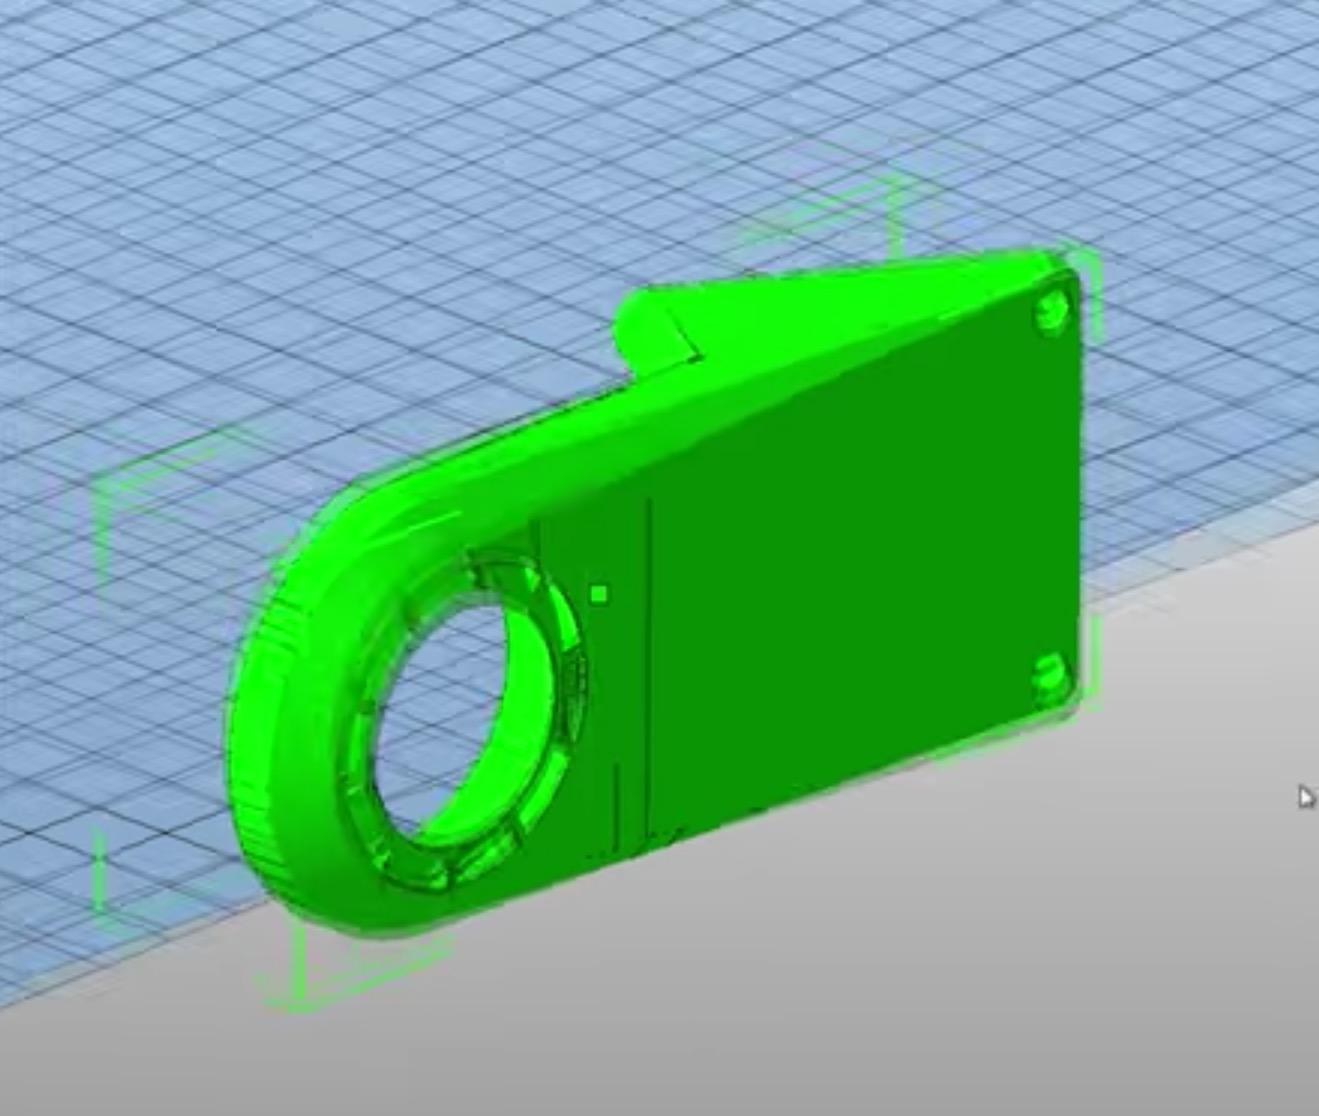 , A Combination of Tools to Fix BAD STL 3D Print Files